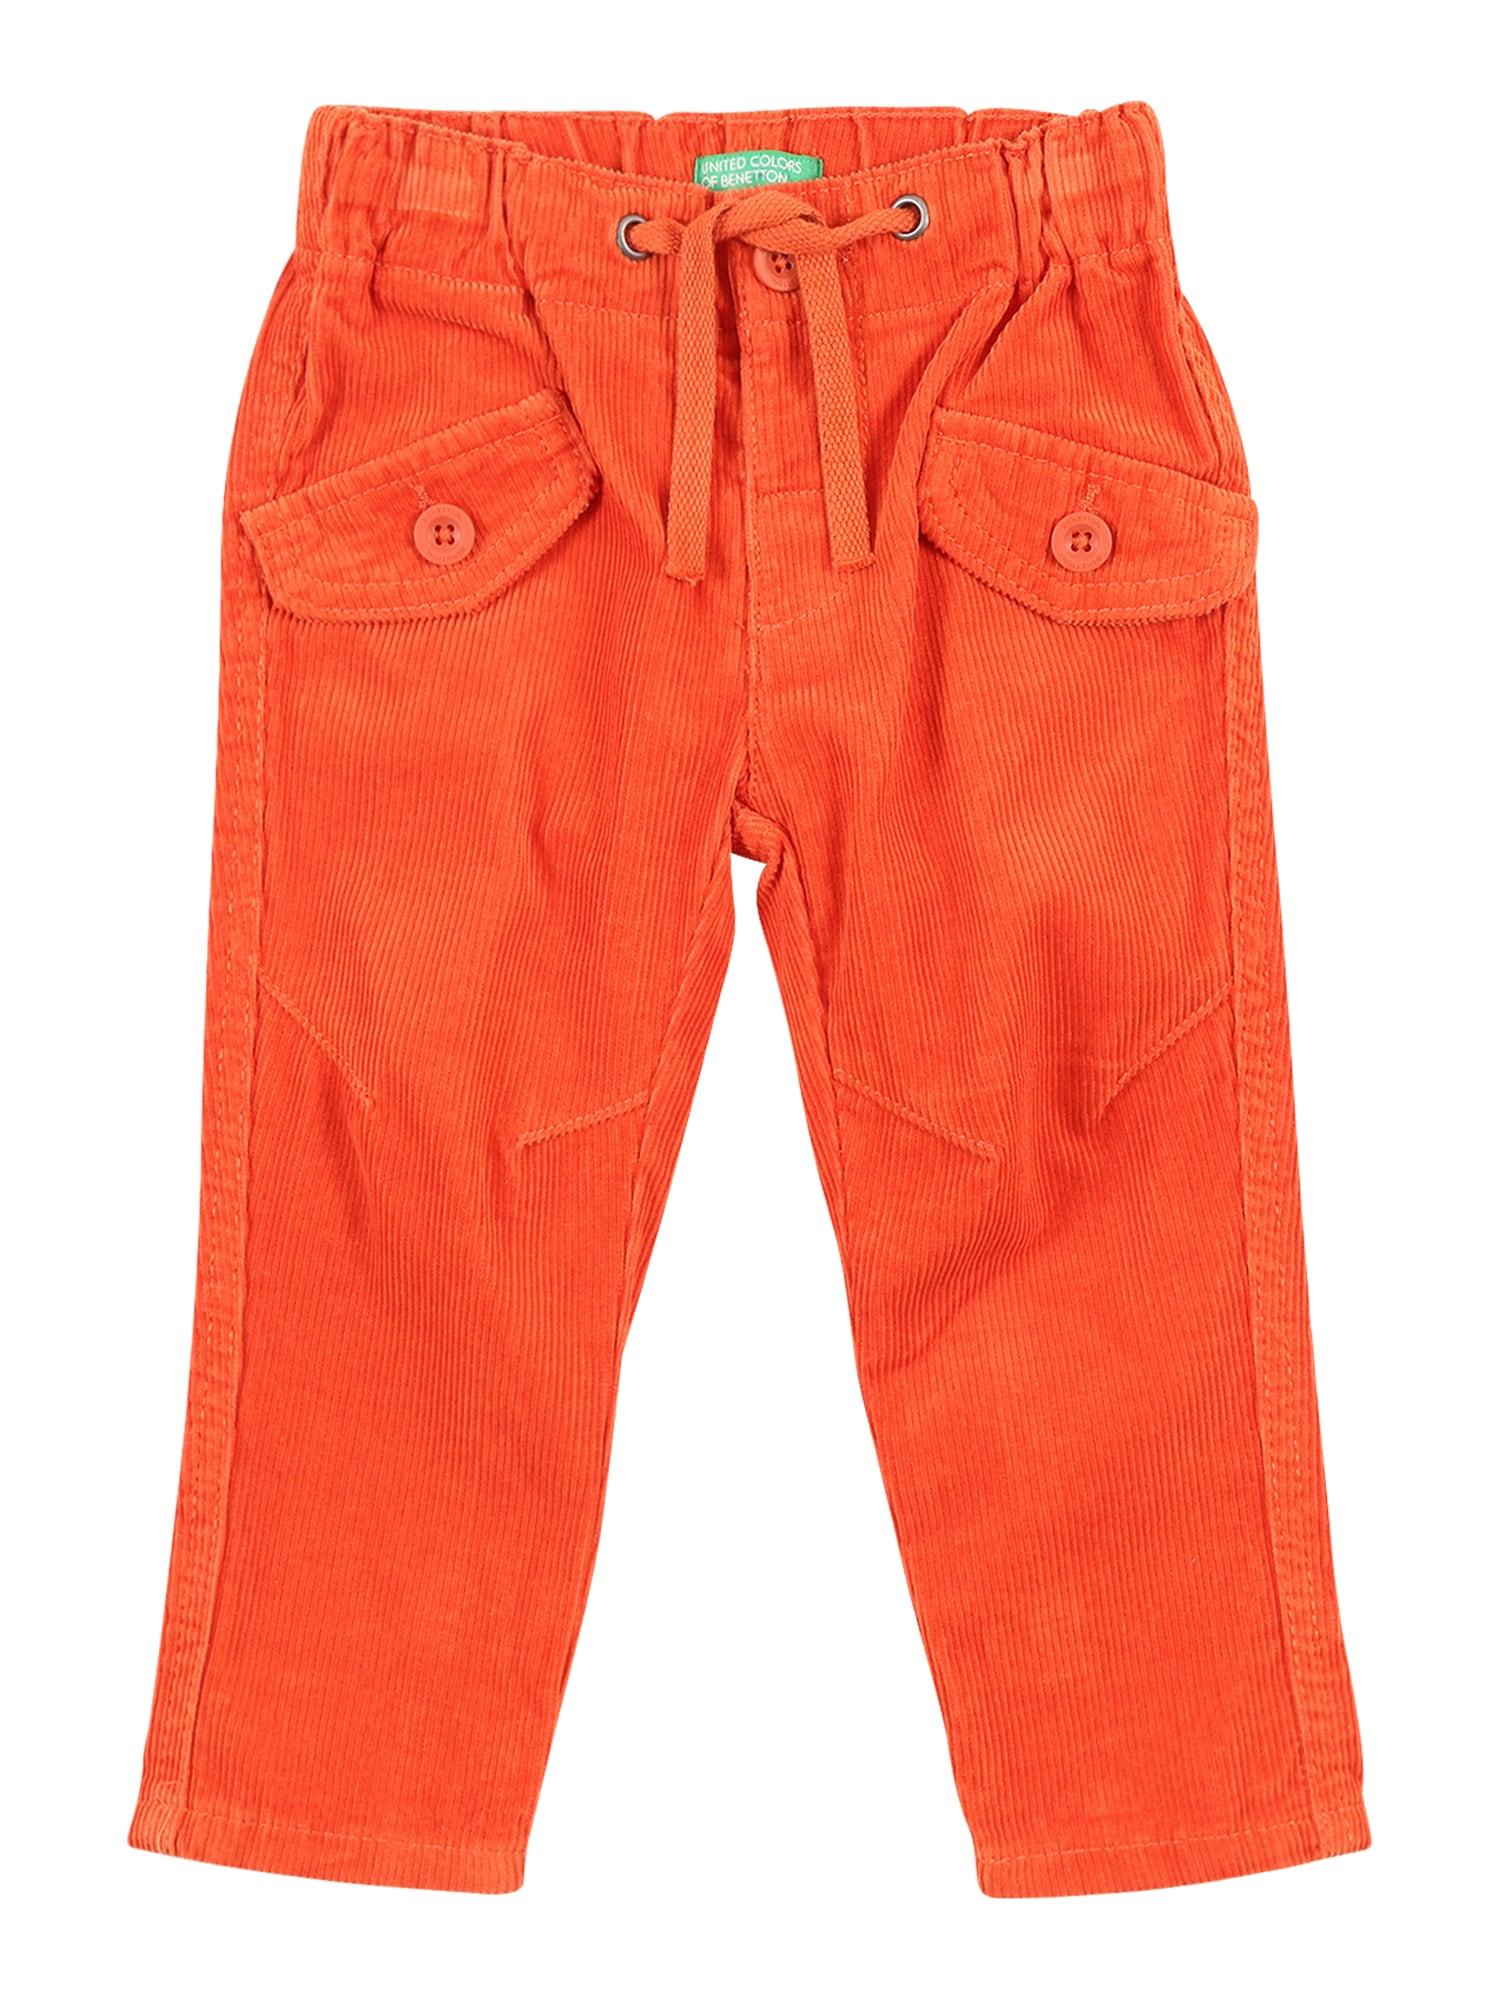 UNITED COLORS OF BENETTON Kelnės oranžinė-raudona